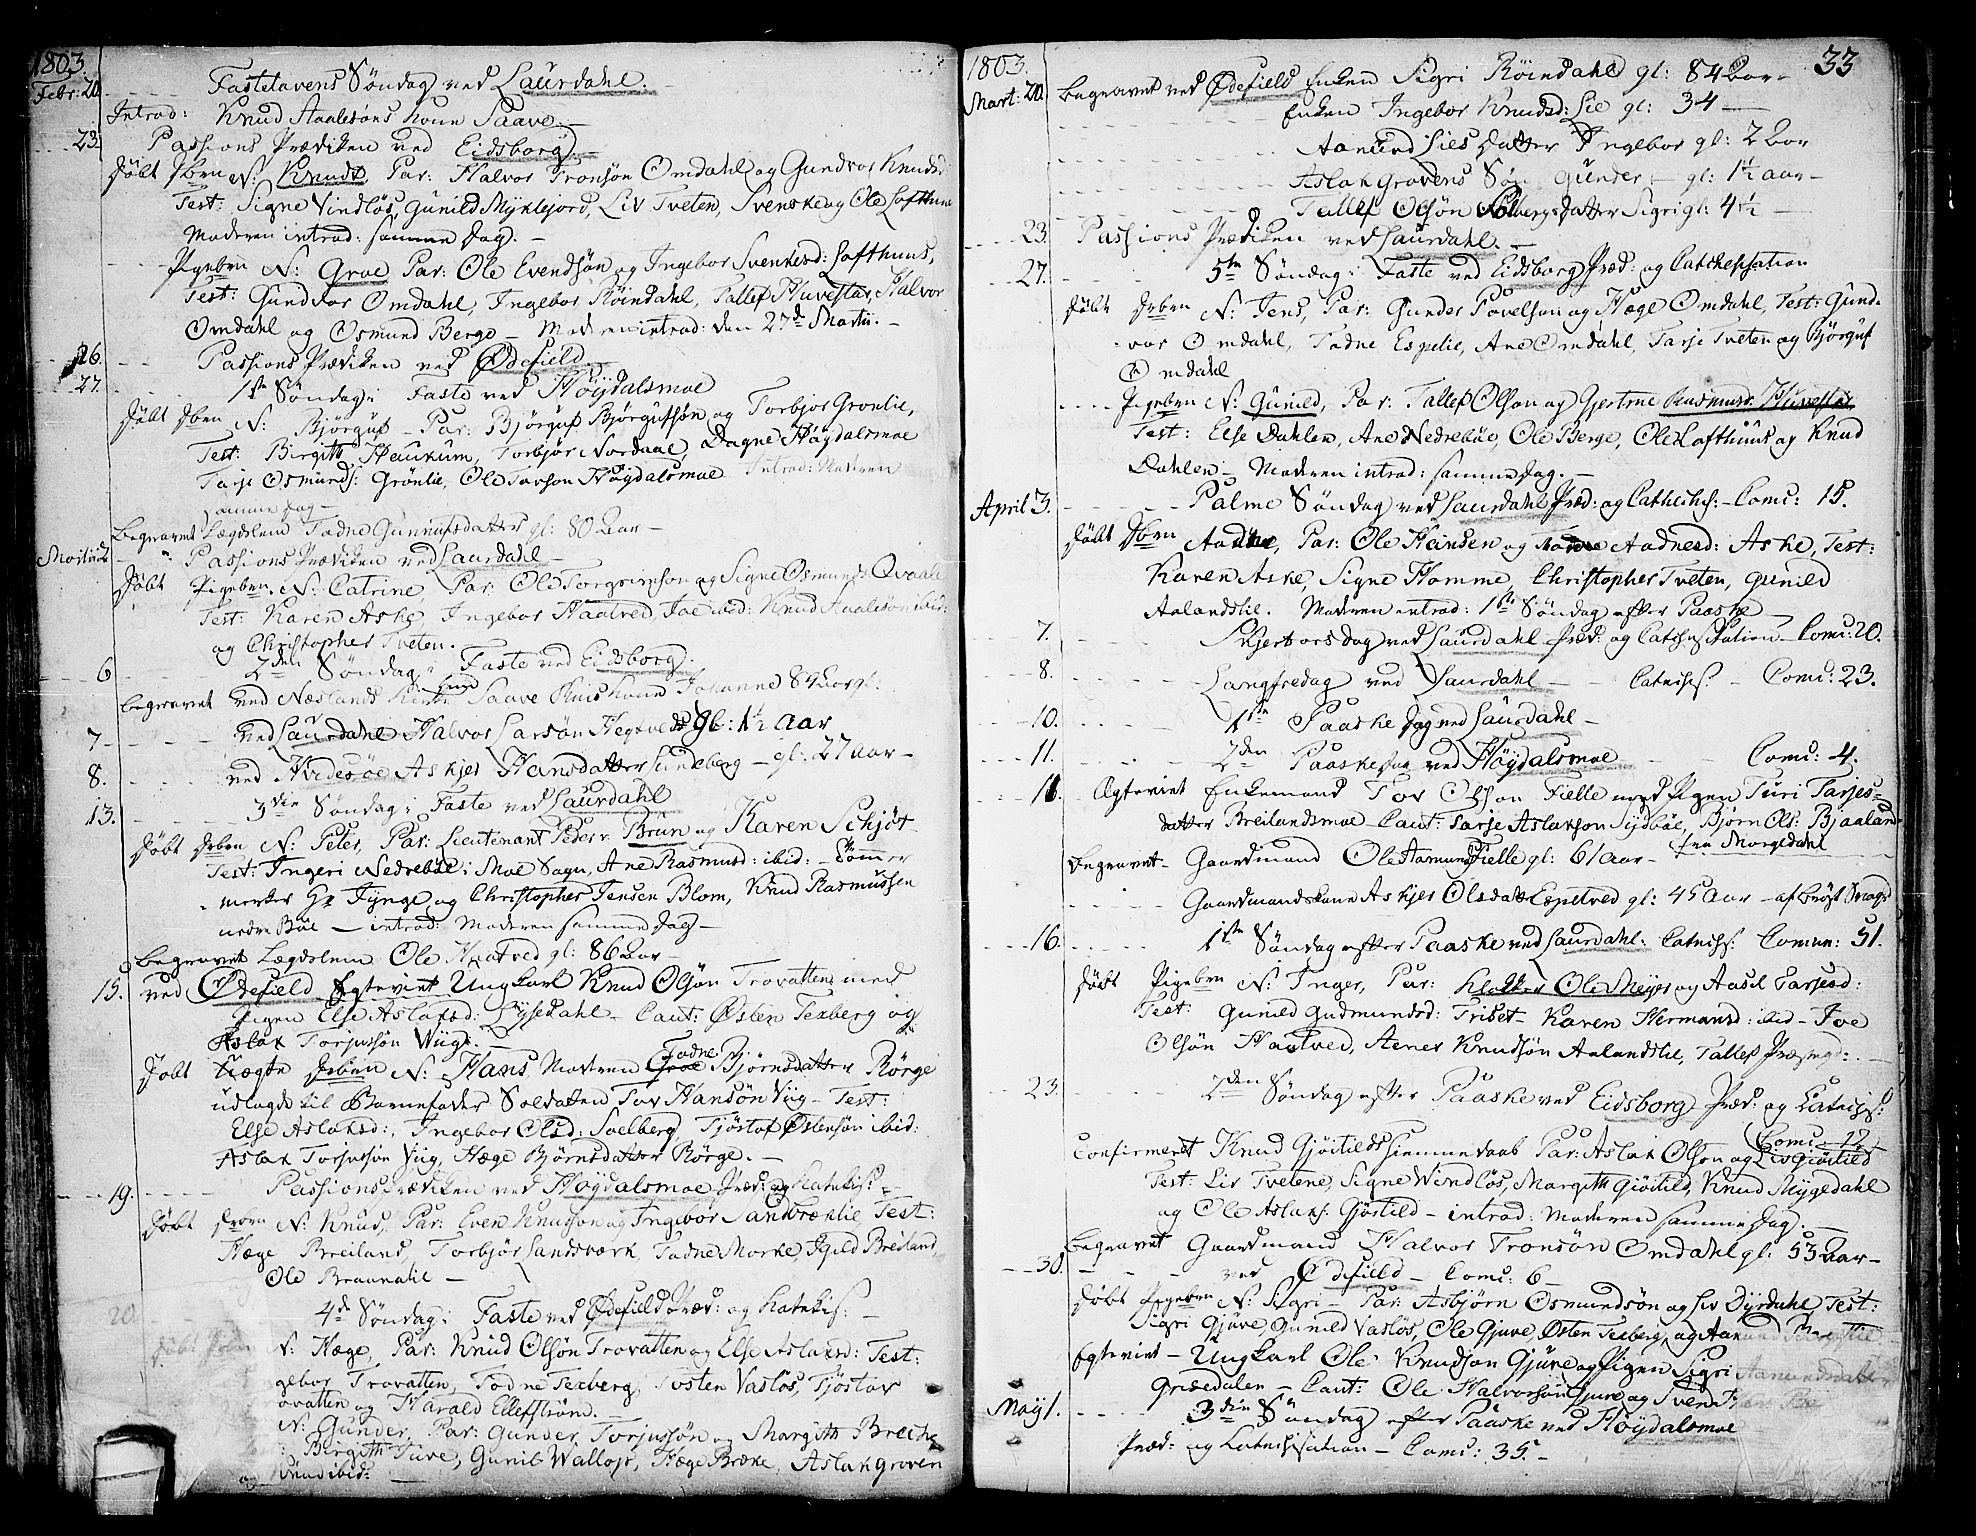 SAKO, Lårdal kirkebøker, F/Fa/L0004: Ministerialbok nr. I 4, 1790-1814, s. 33